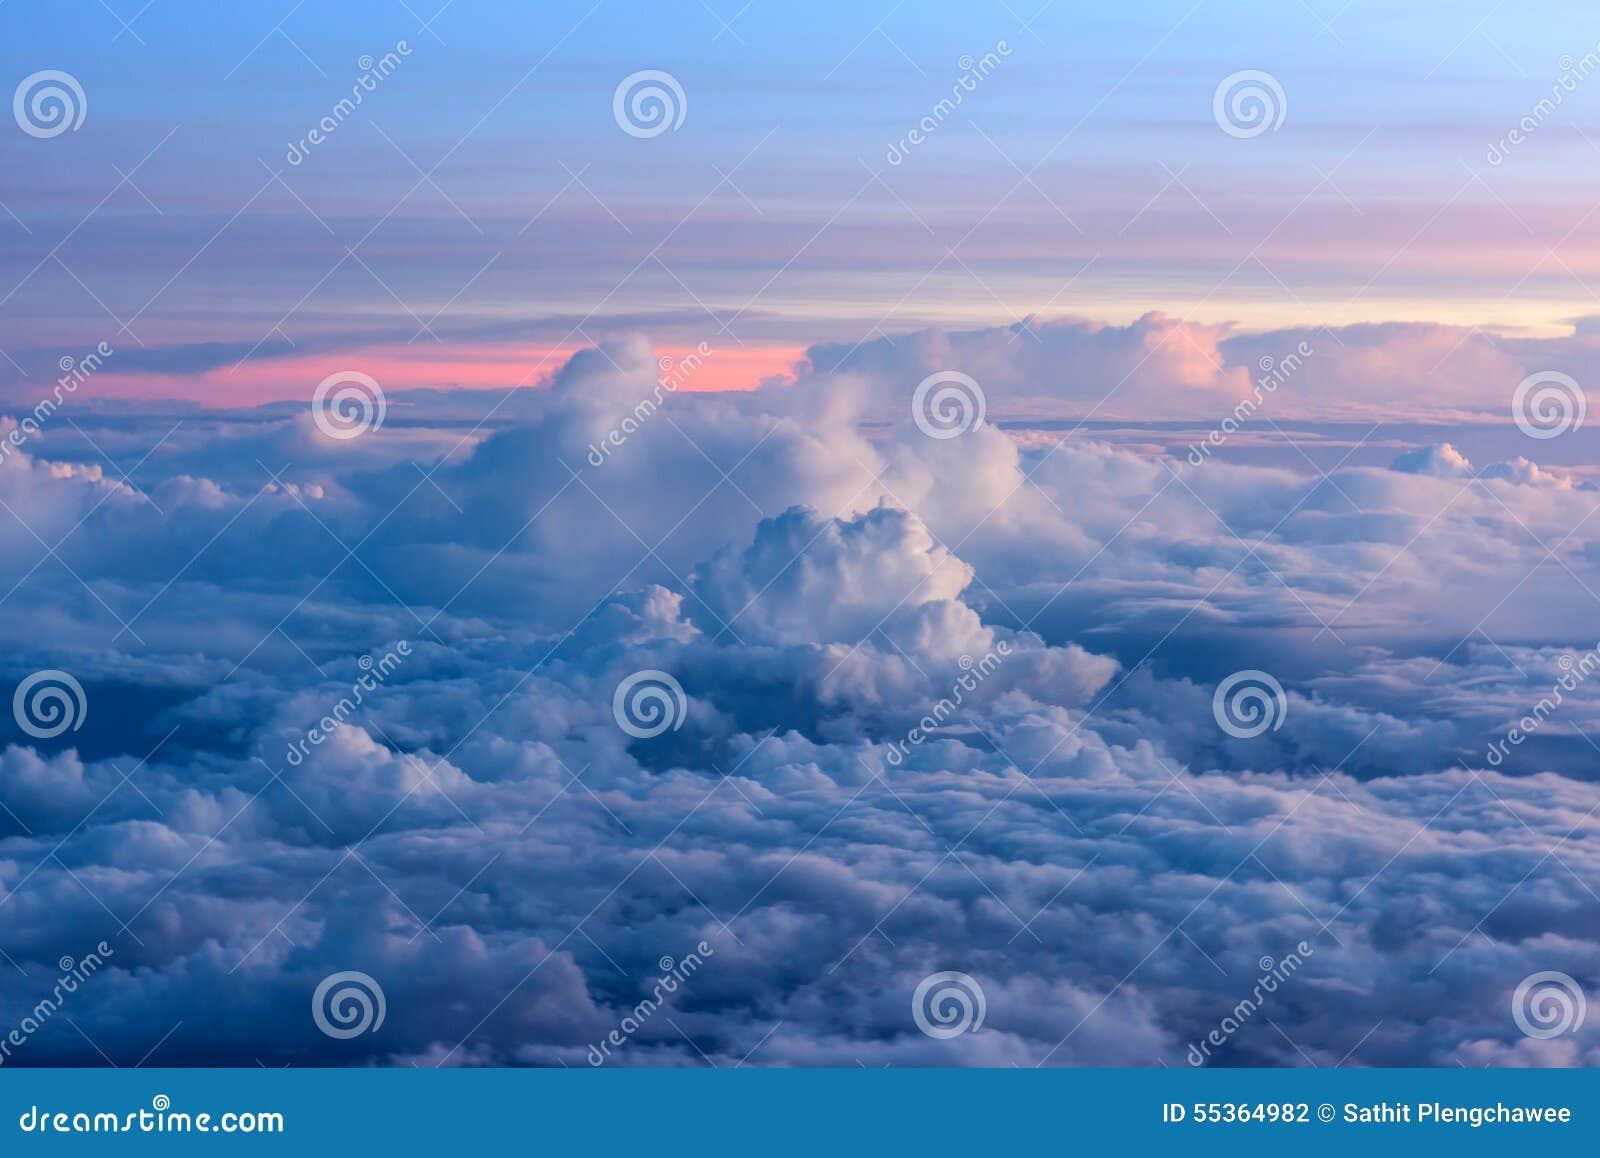 Alba sul cielo e sulle nuvole, fondo